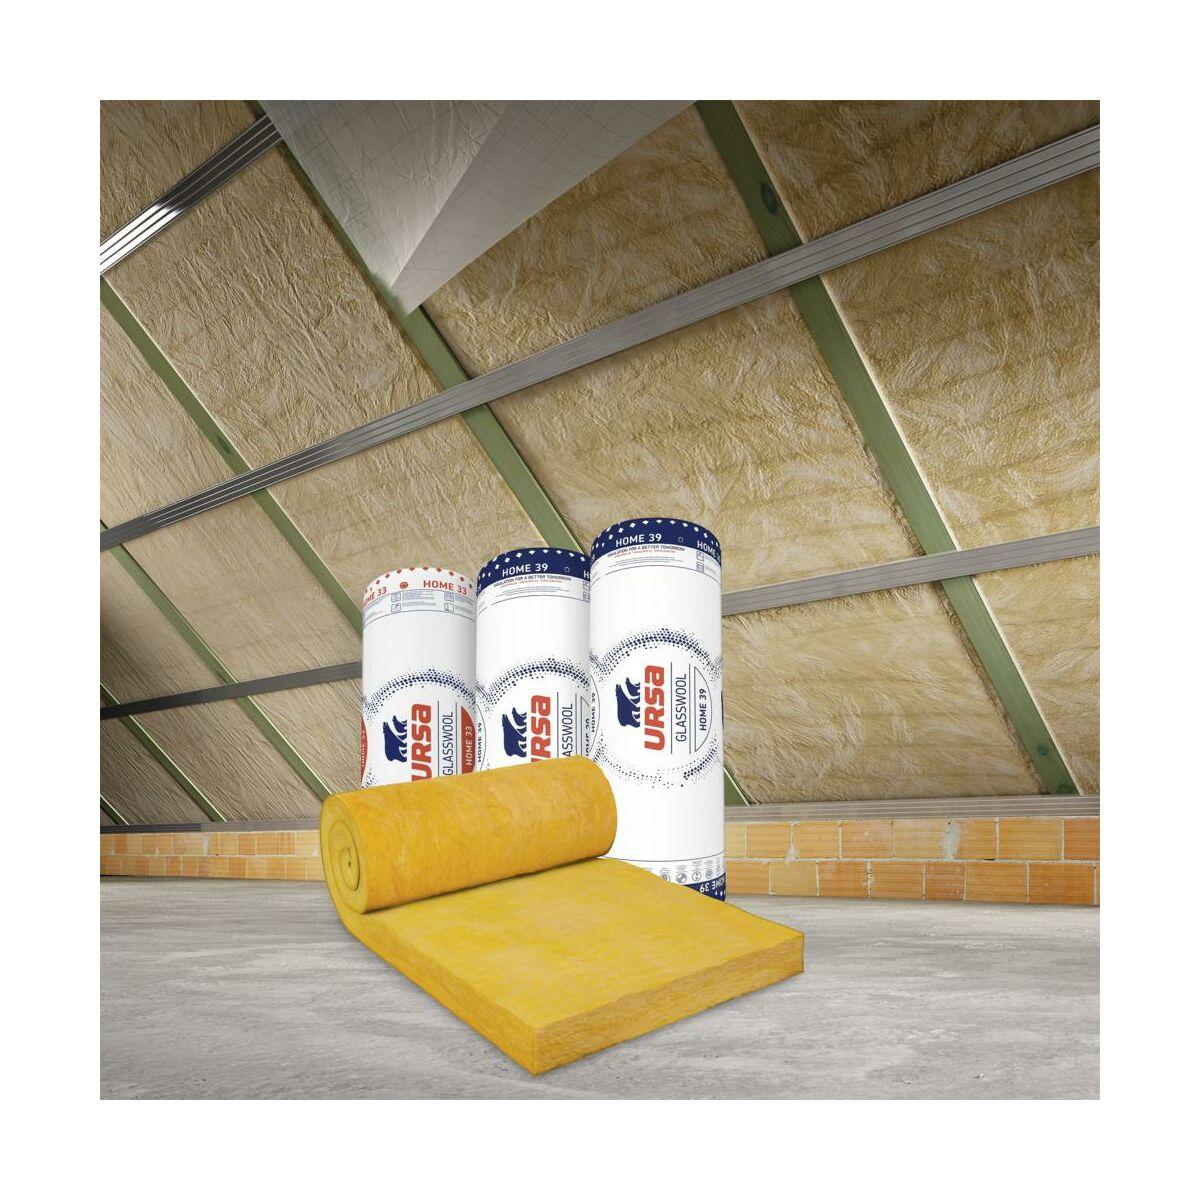 Welna Mineralna Home 39 150 Mm Ursa Welna W Atrakcyjnej Cenie W